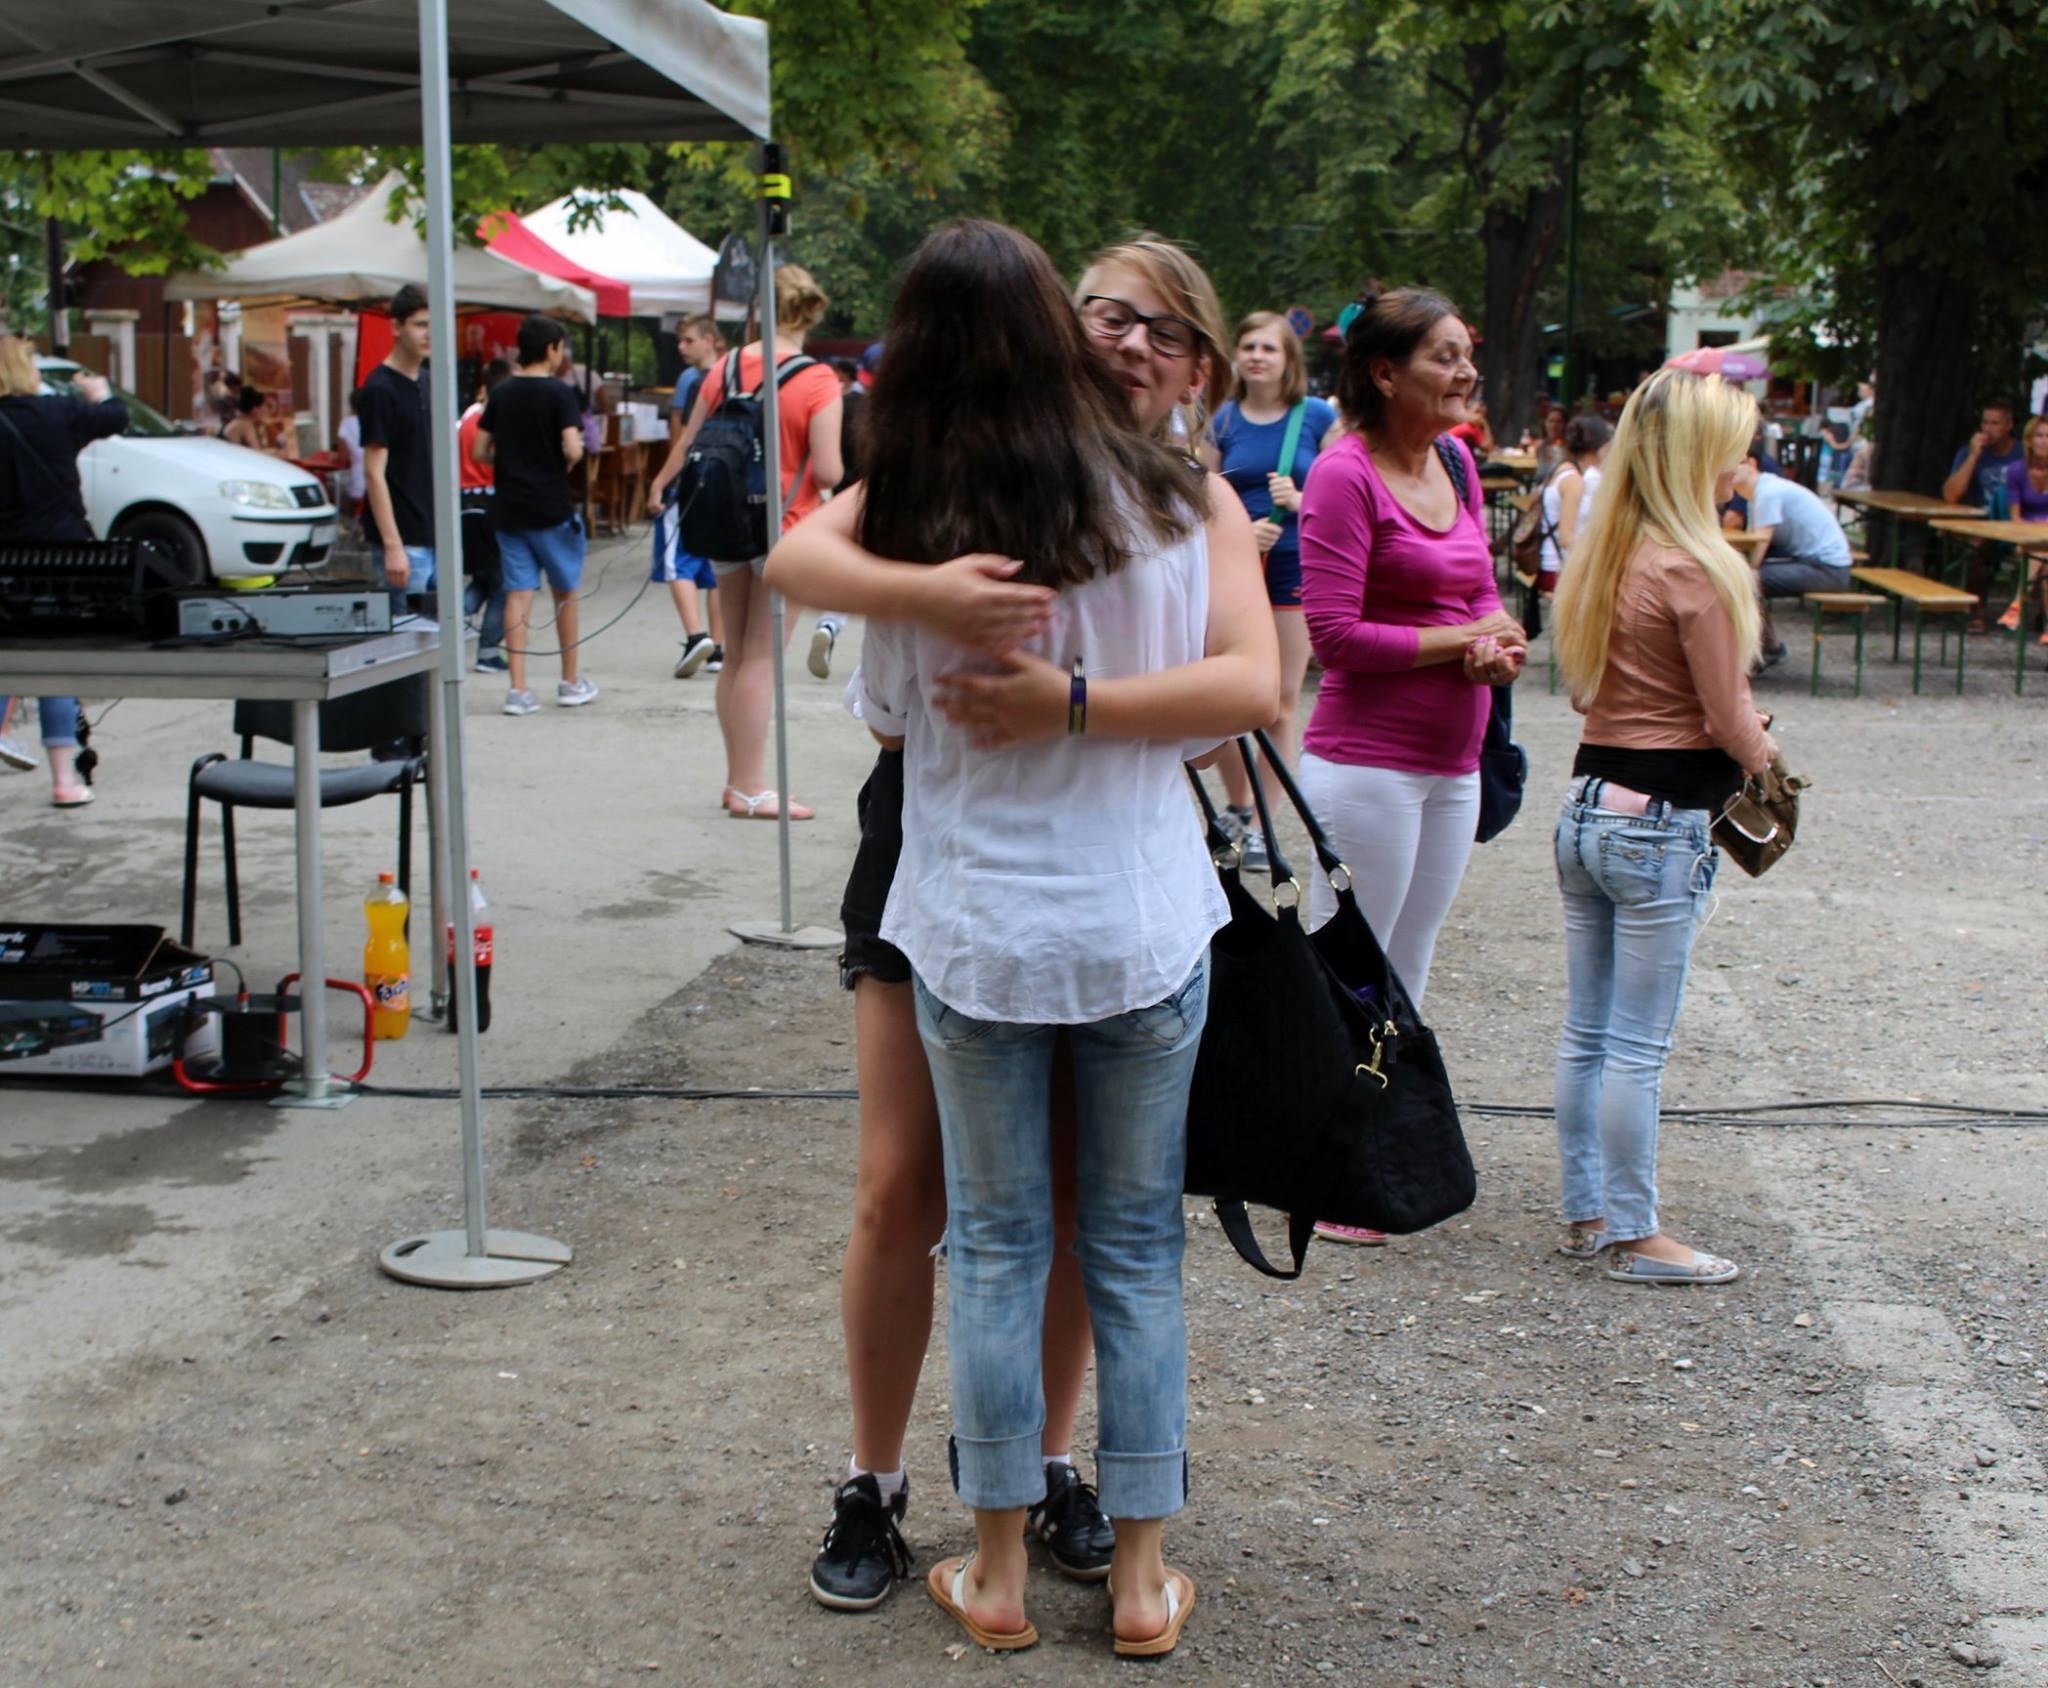 Deutsch-ungarische Freundschaft - Wiedersehen mit Umarmung